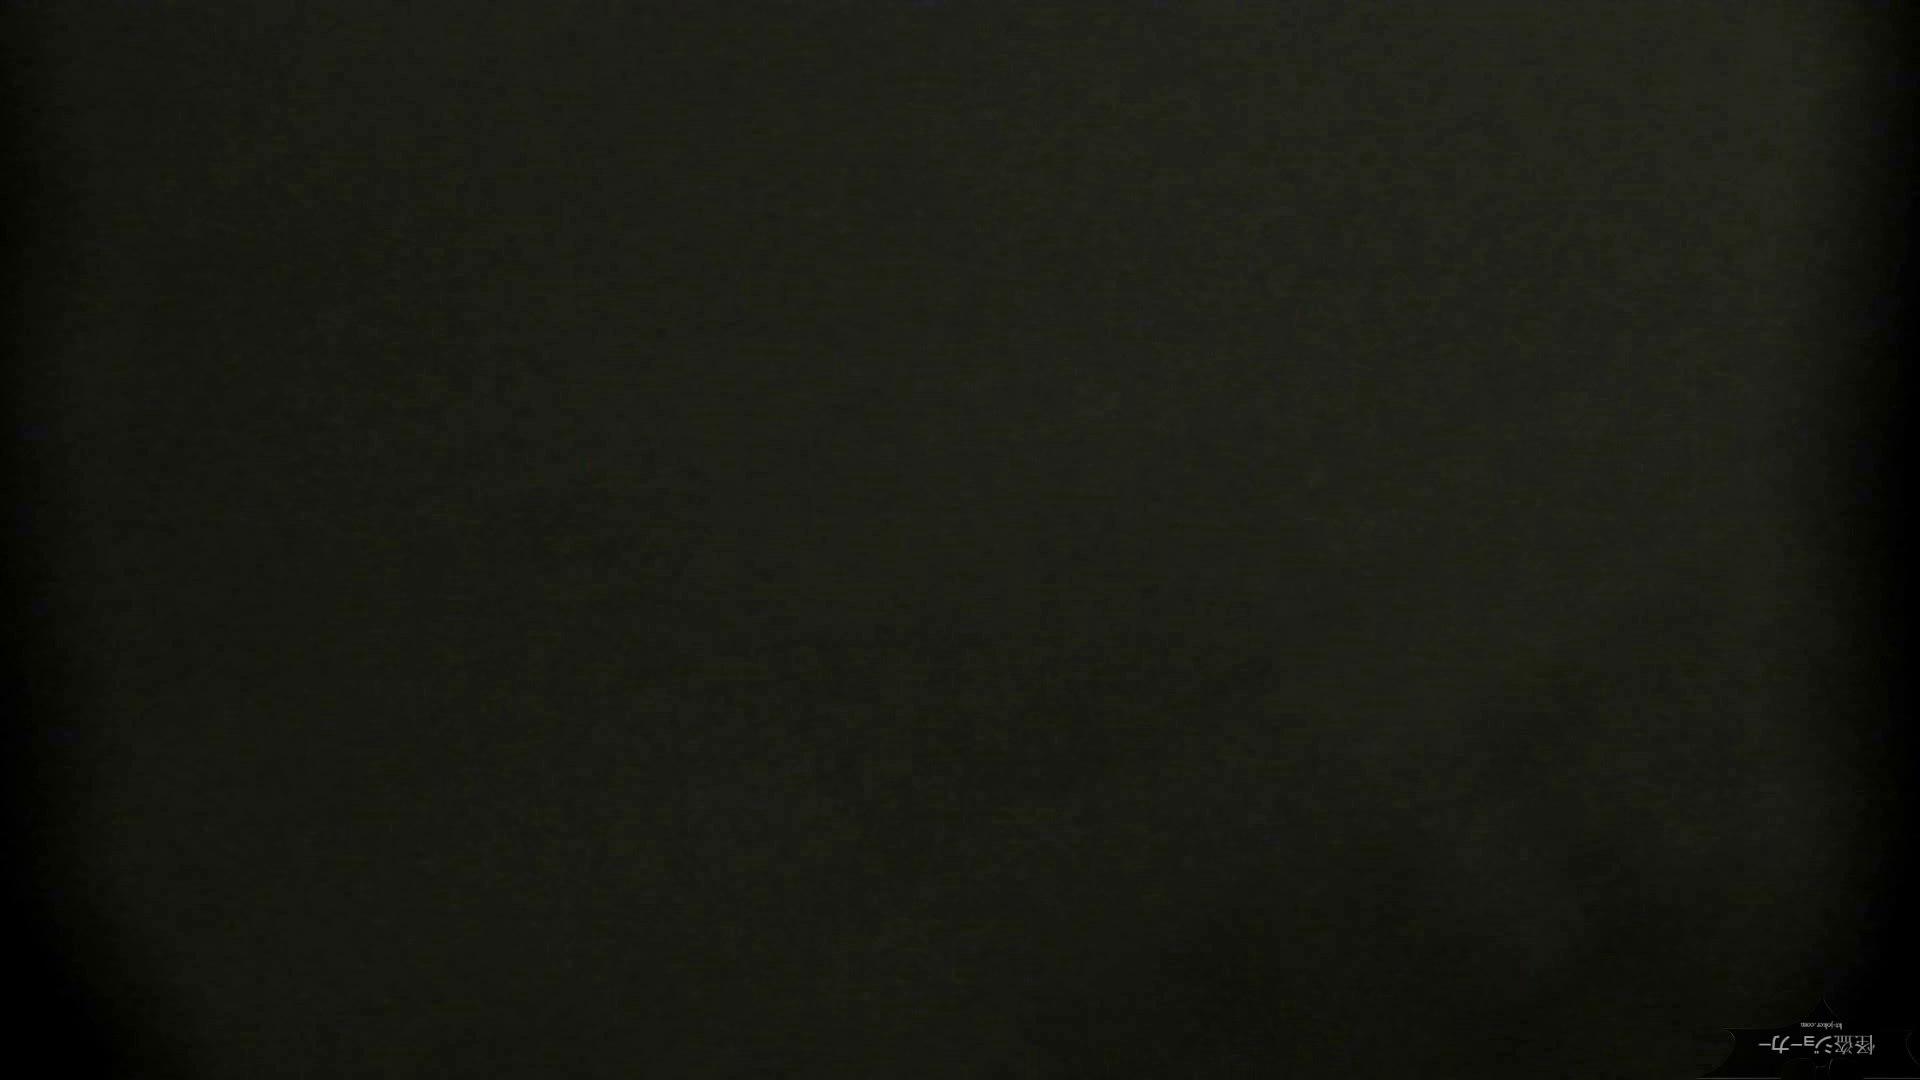 【美しき個室な世界】洗面所特攻隊 vol.051 洗面所  72PIX 32